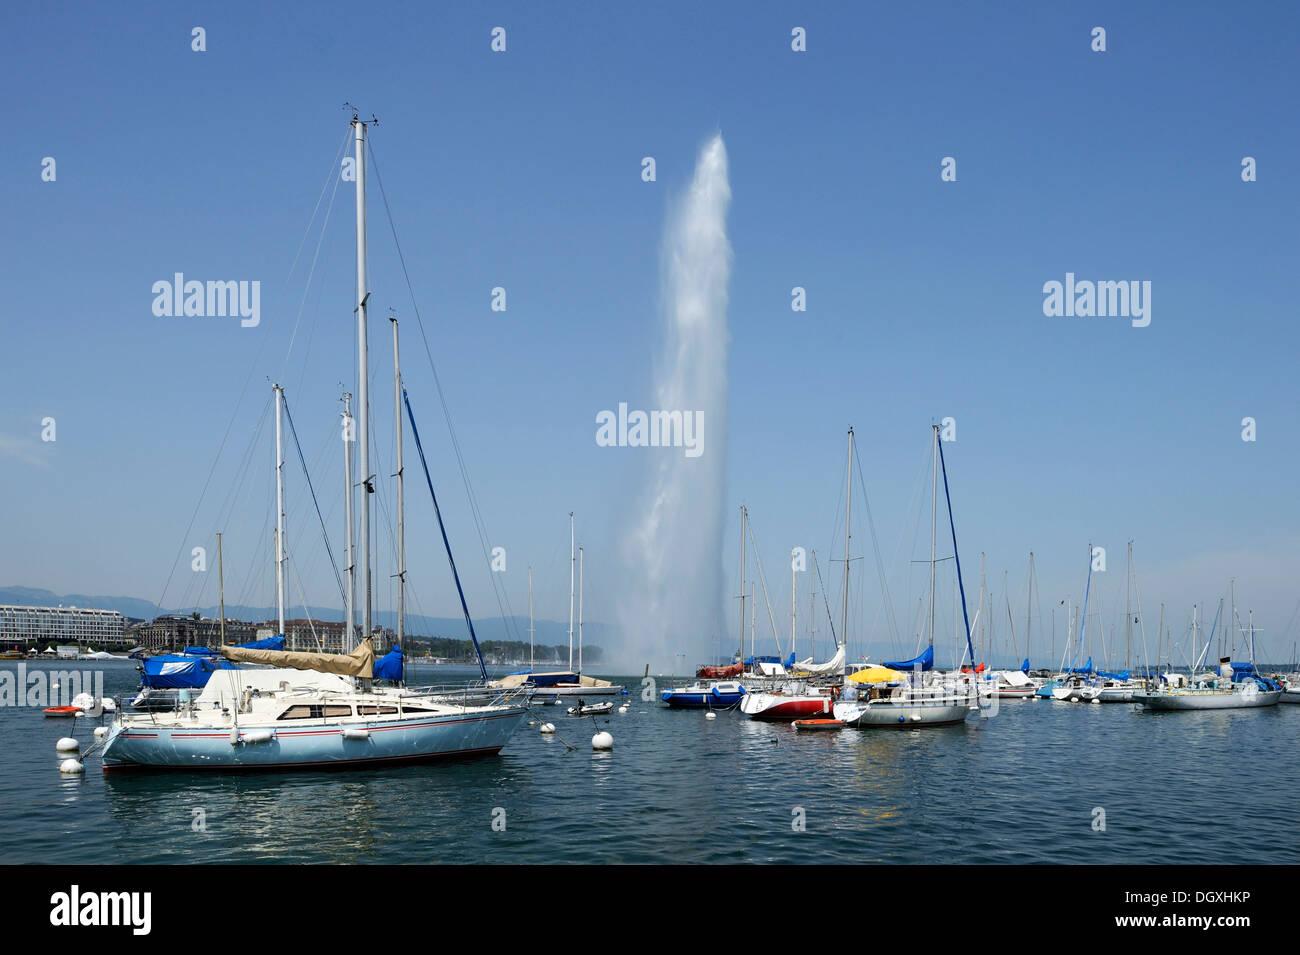 Vista sul Lago di Ginevra con il Jet d'Eau e le barche a vela, Ginevra, Svizzera, Europa Immagini Stock